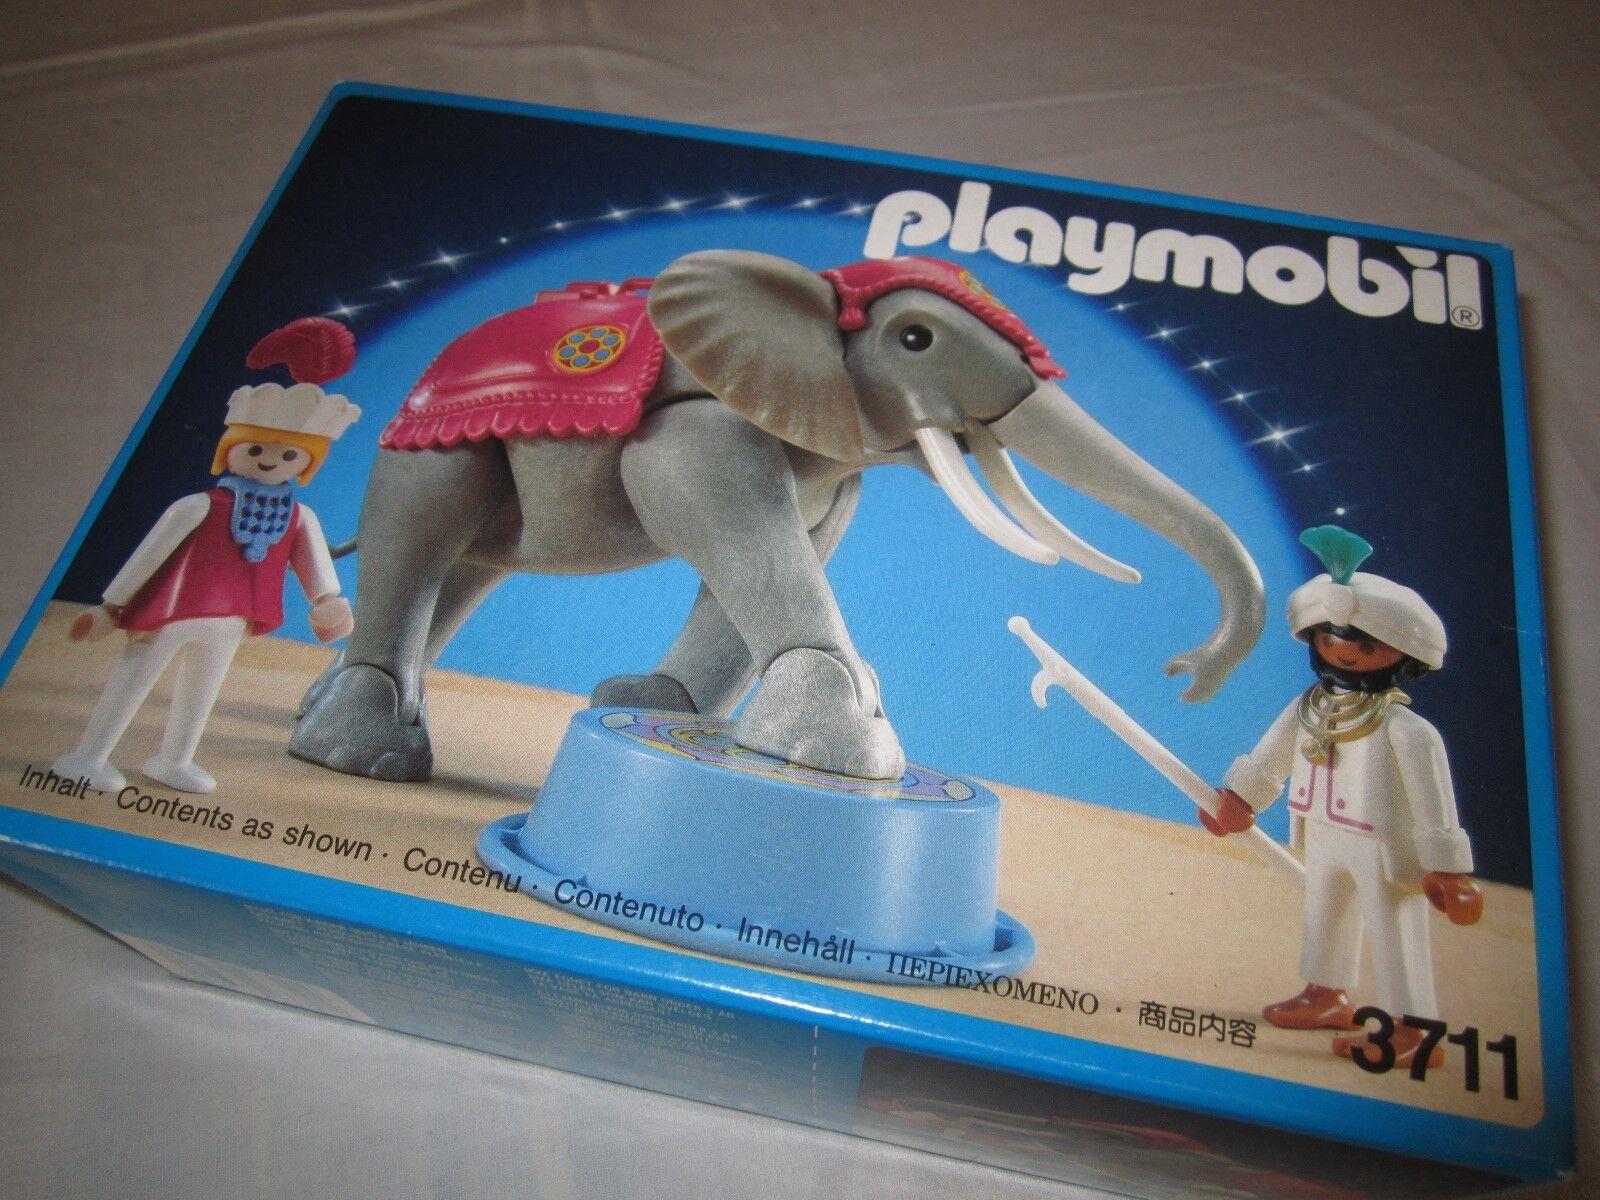 outlet online economico Playmobil    circus olifant 3711 9040 nuovo neu zoo  tutto in alta qualità e prezzo basso